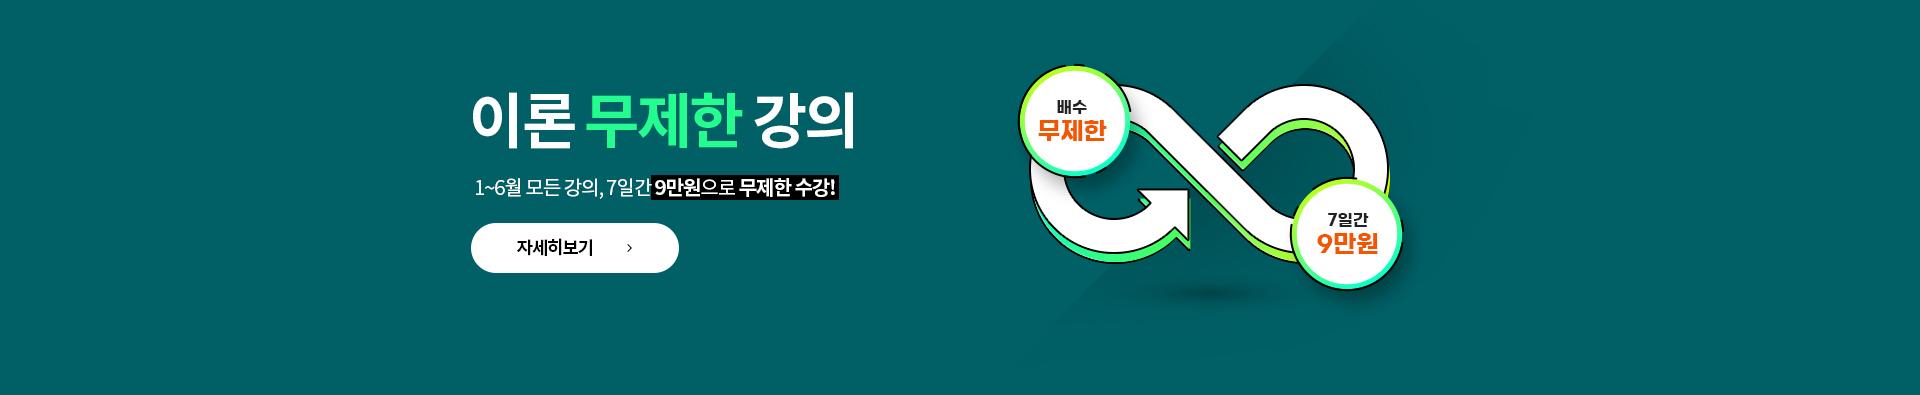 이론 7일 무제한, 최저가 9만원